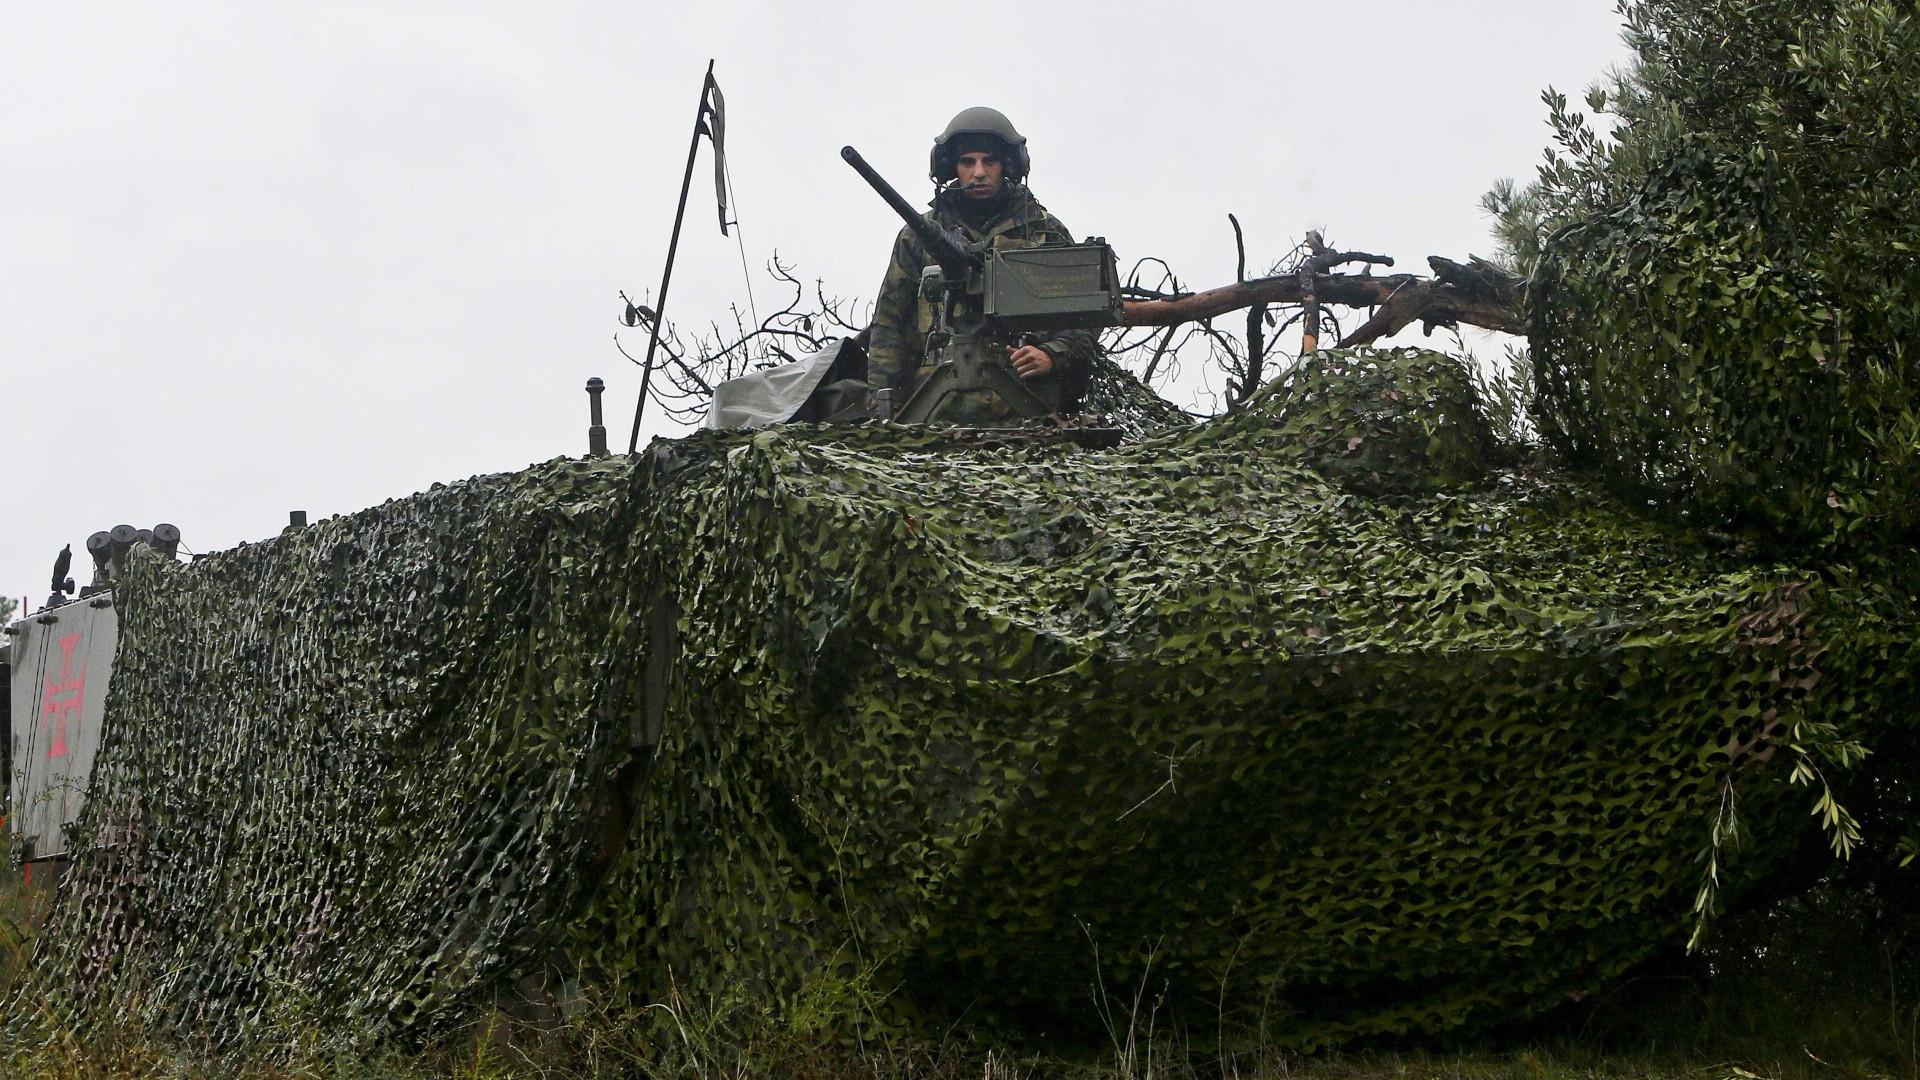 Assalto ao Exército. Granadas e munições desaparecem em Tancos